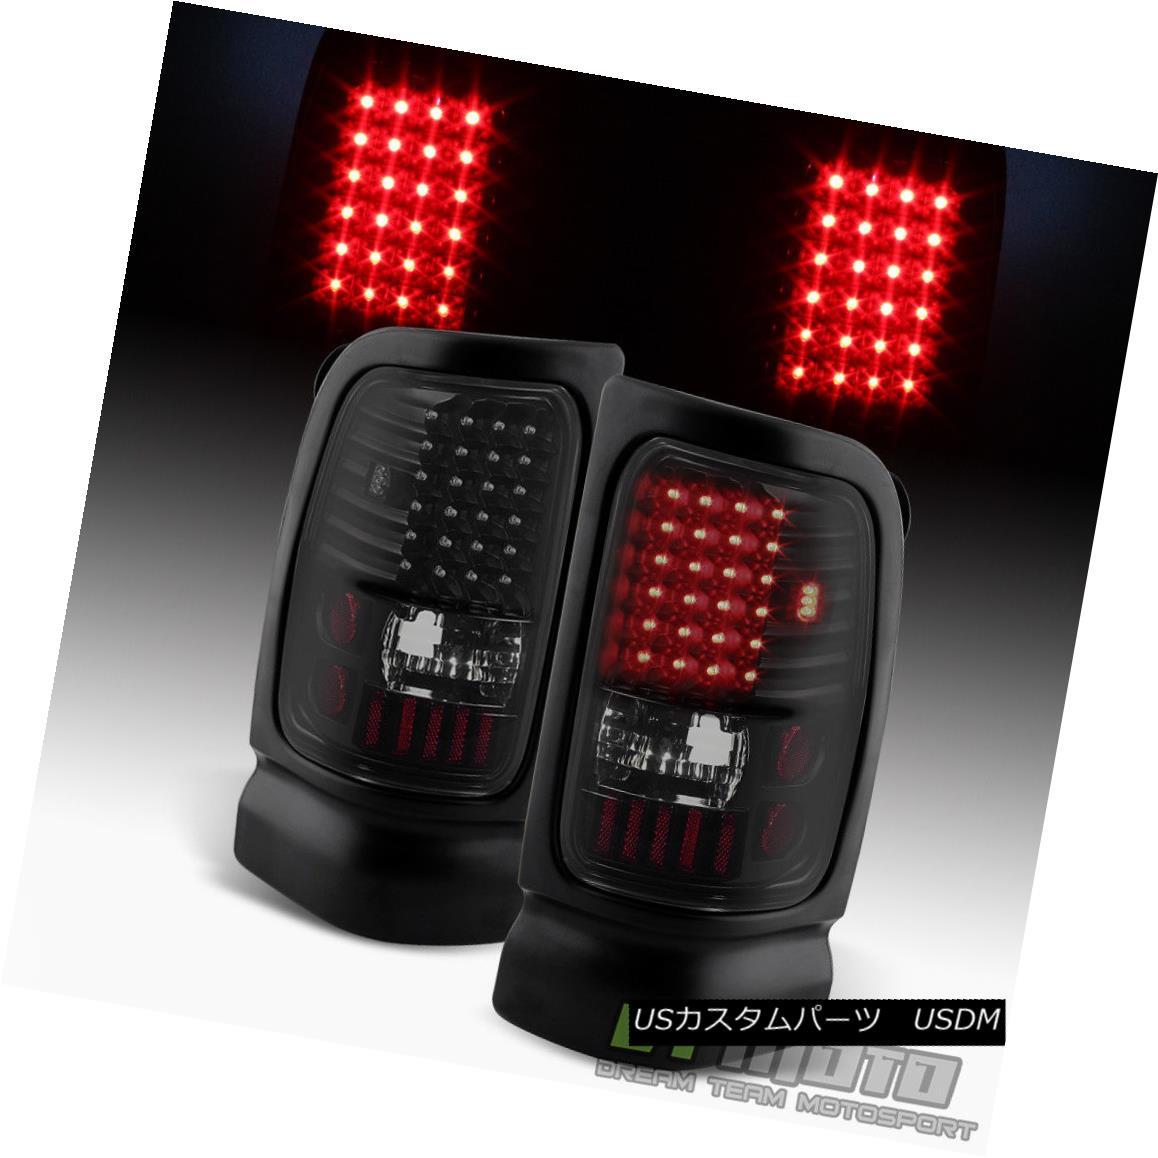 テールライト Black Smoke 1994-2001 Dodge Ram 1500 94-02 Ram 2500 3500 LED Tail Lights Lamps ブラックスモーク1994-2001ダッジラム1500 94-02ラム2500 3500 LEDテールライトランプ